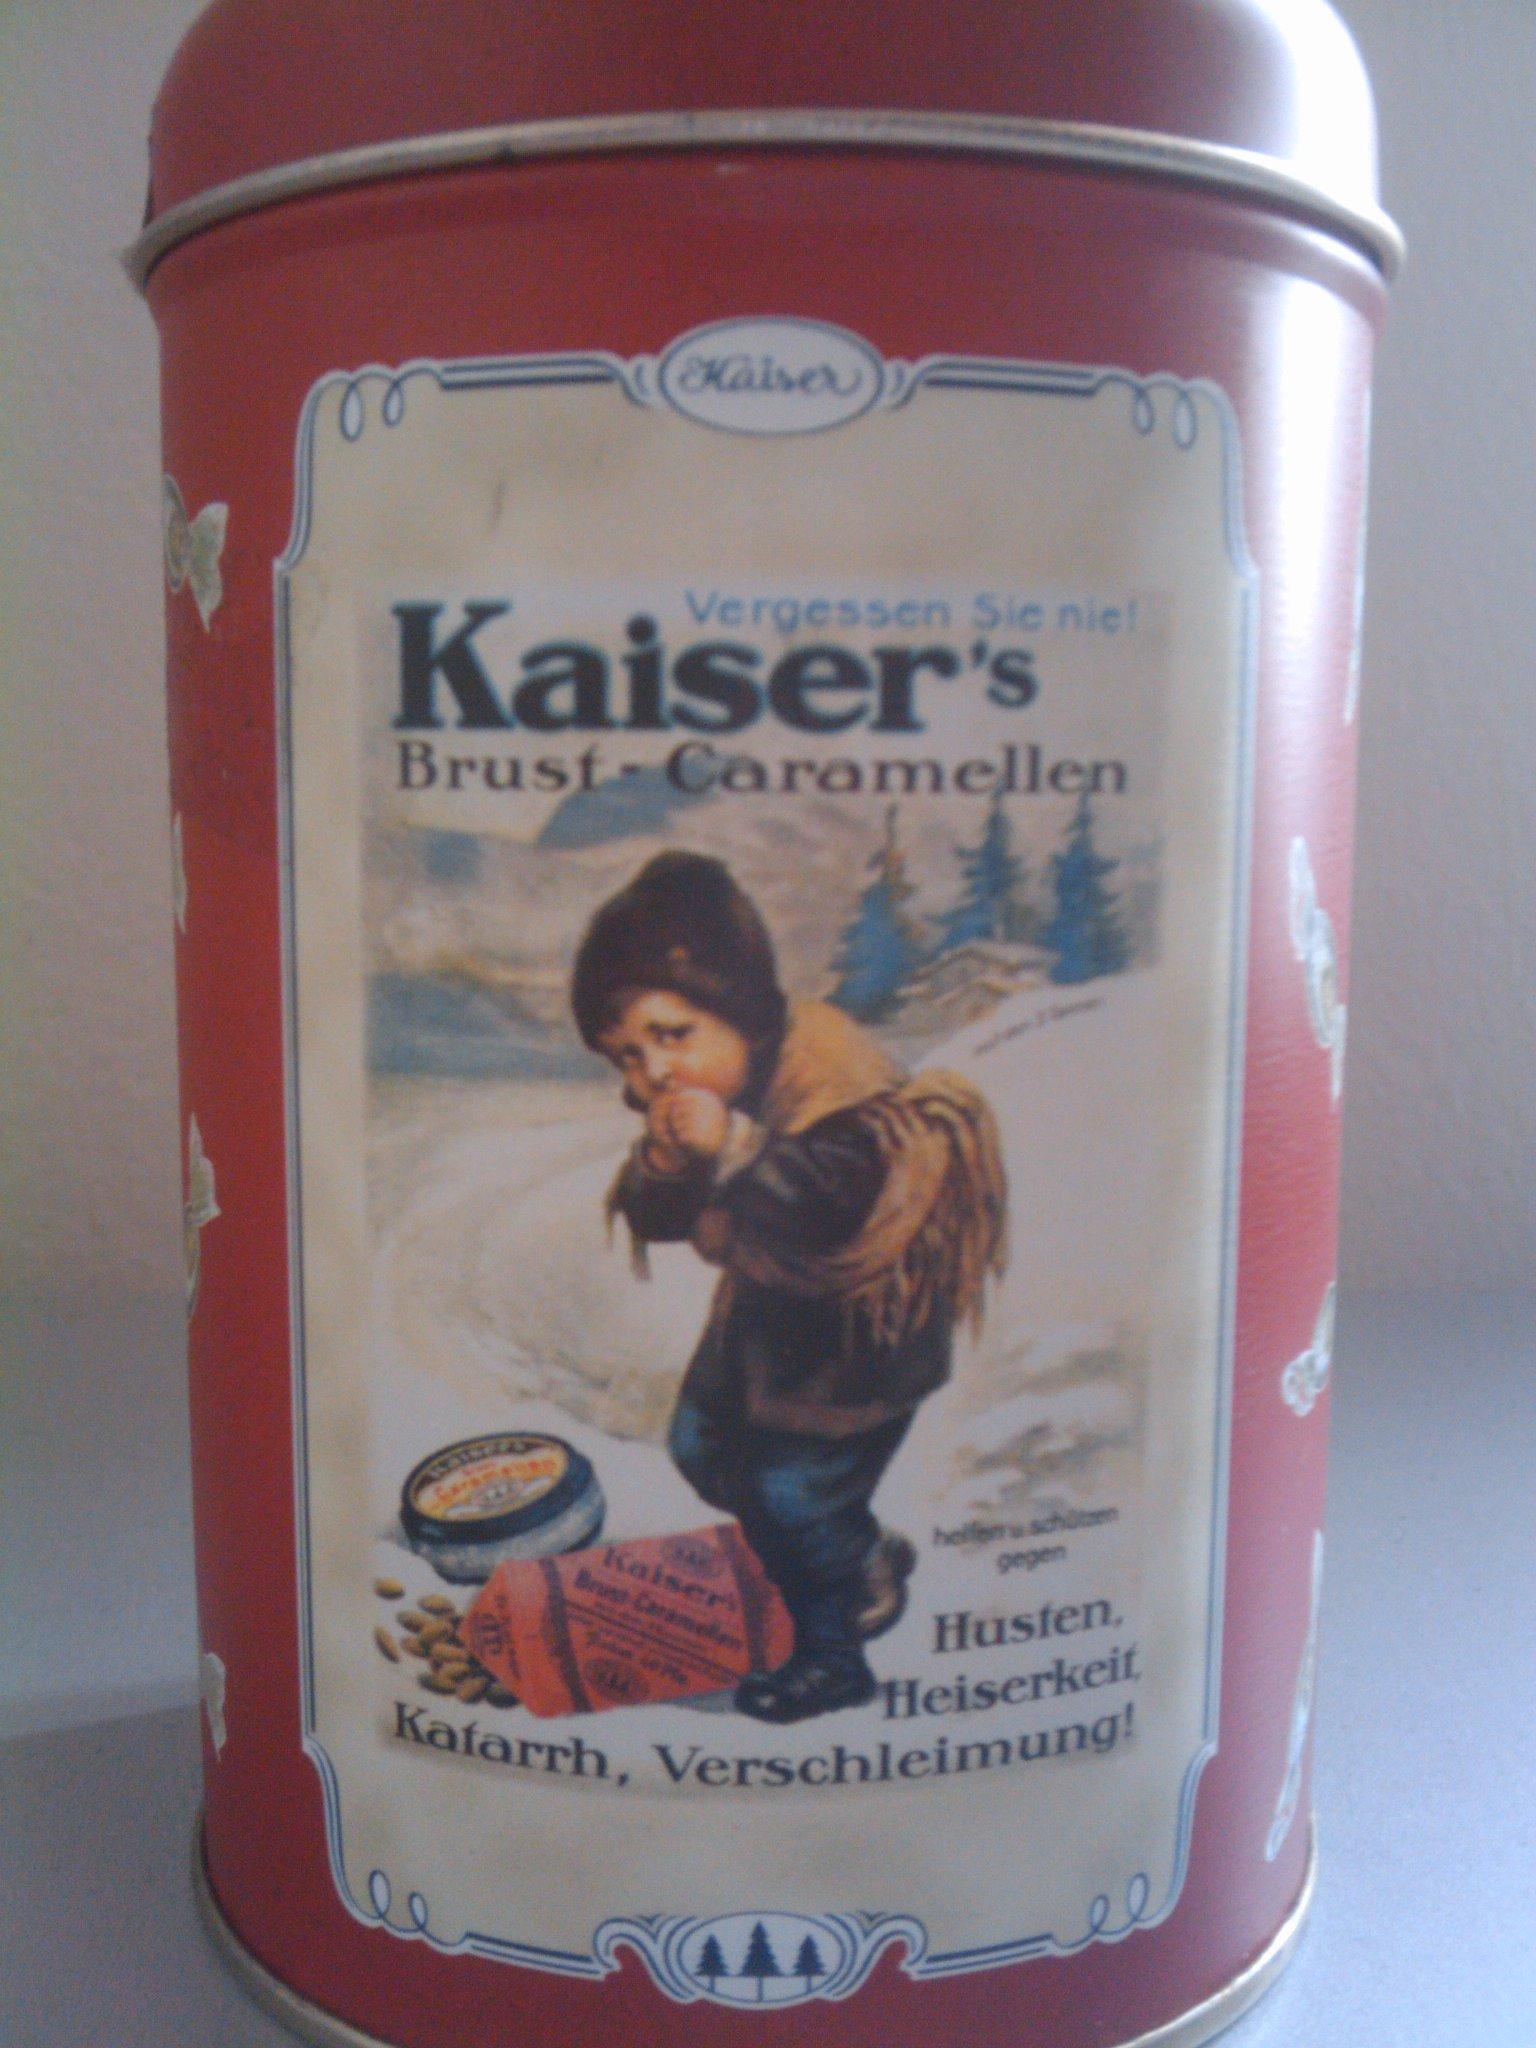 kaiser brust caramellen flickr photo sharing. Black Bedroom Furniture Sets. Home Design Ideas